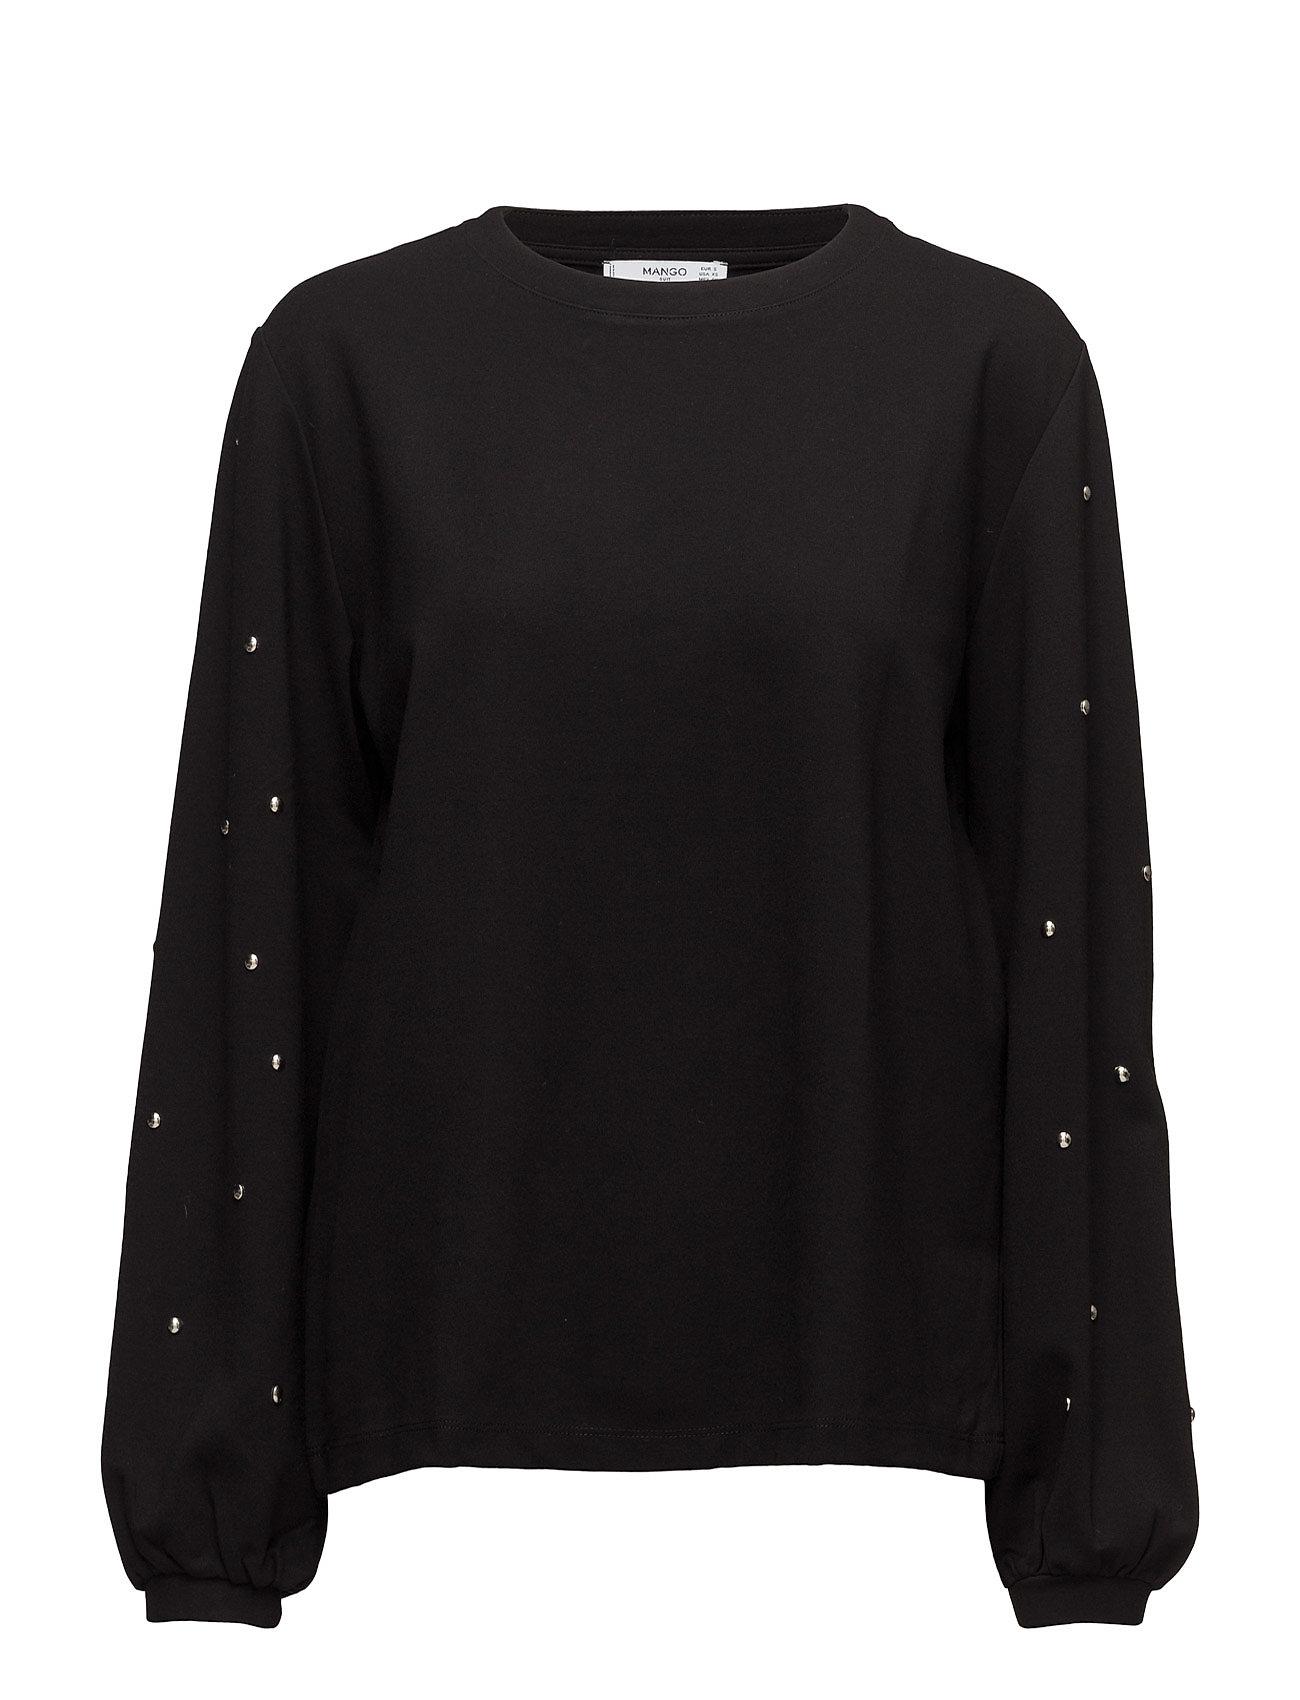 Studded Sweatshirt Mango  til Damer i Sort